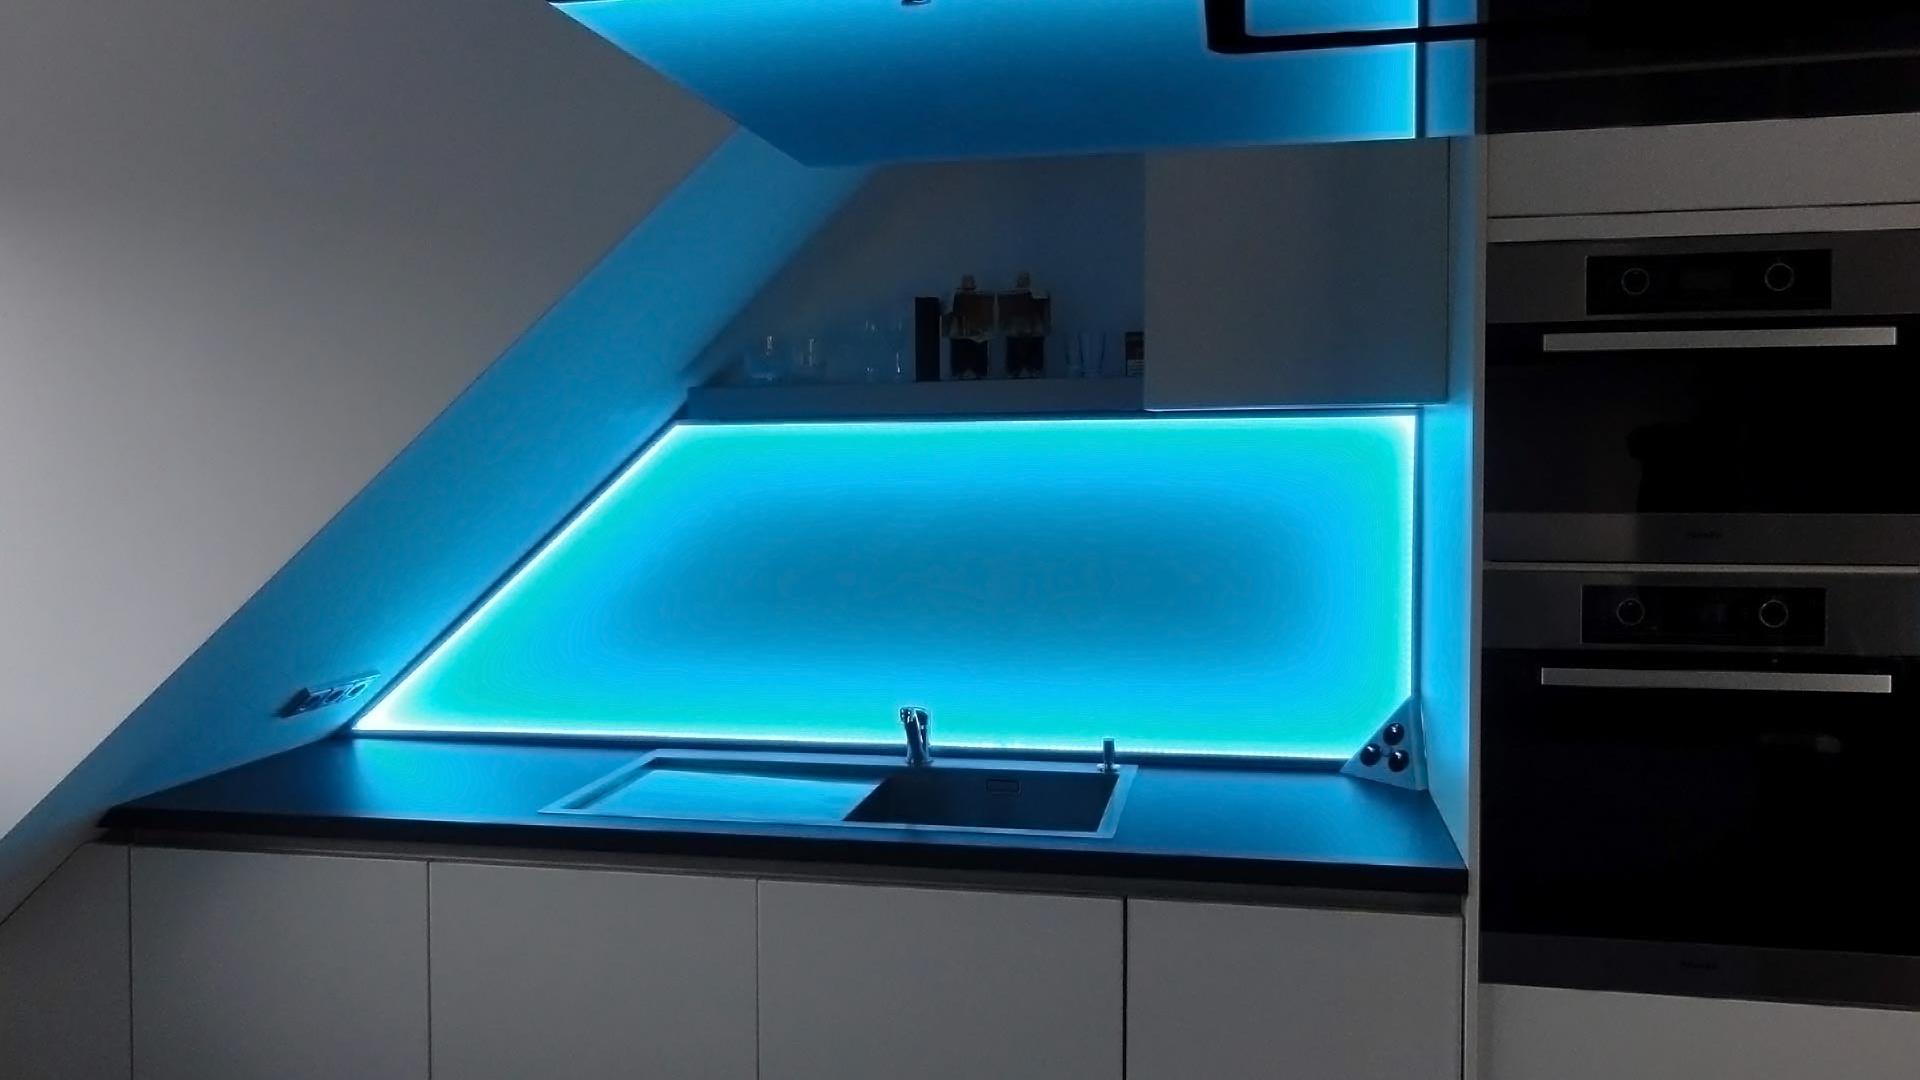 glasrückwand als küchenrückwand und für duschenwände - glas voit